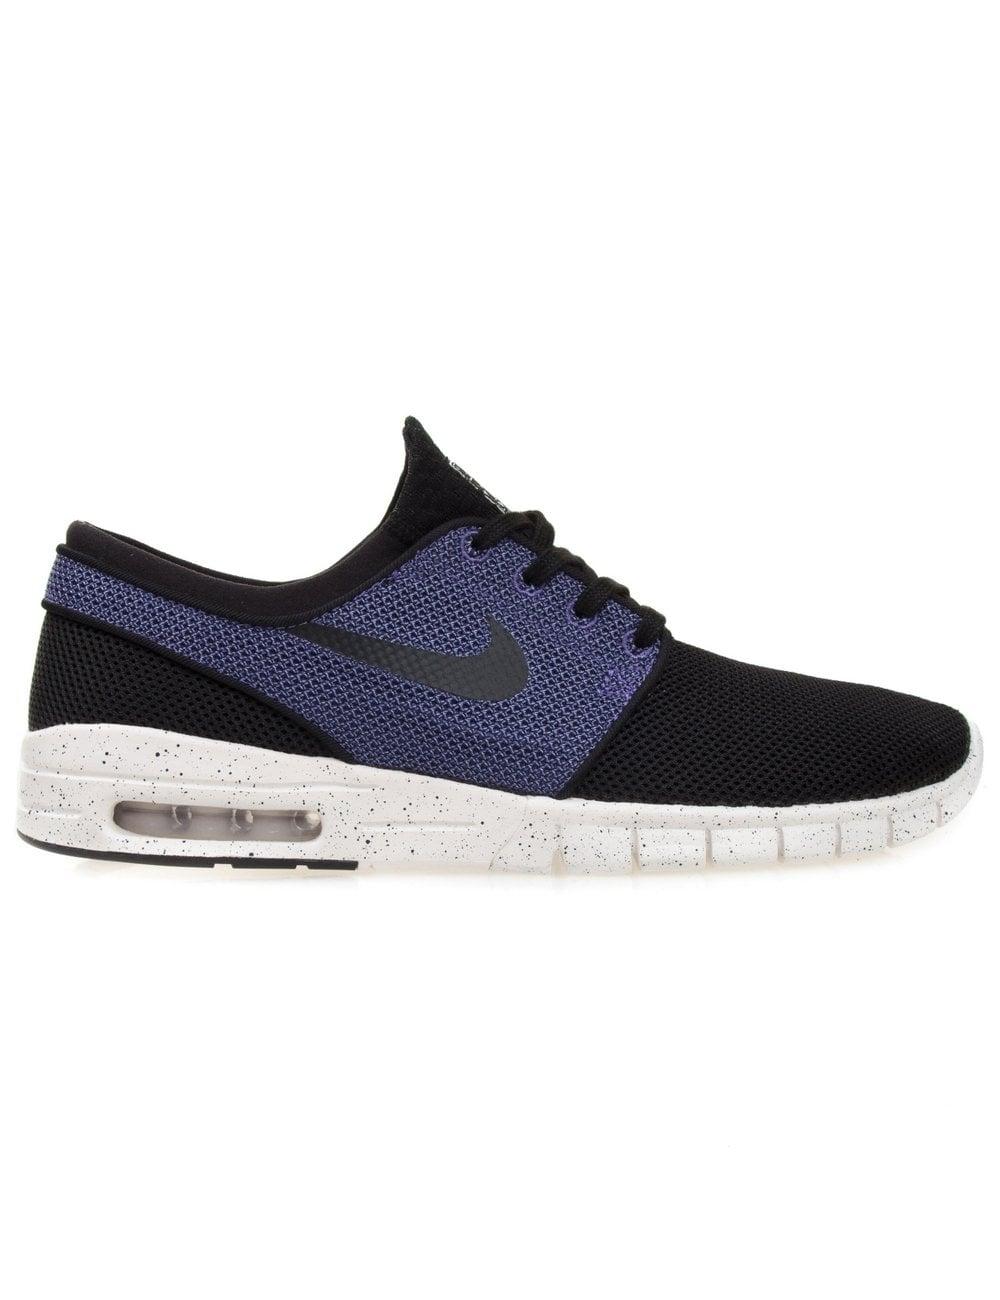 Nike SB Stefan Janoski Max - Black Violet - Footwear from Fat Buddha ... 036fc3b84945a